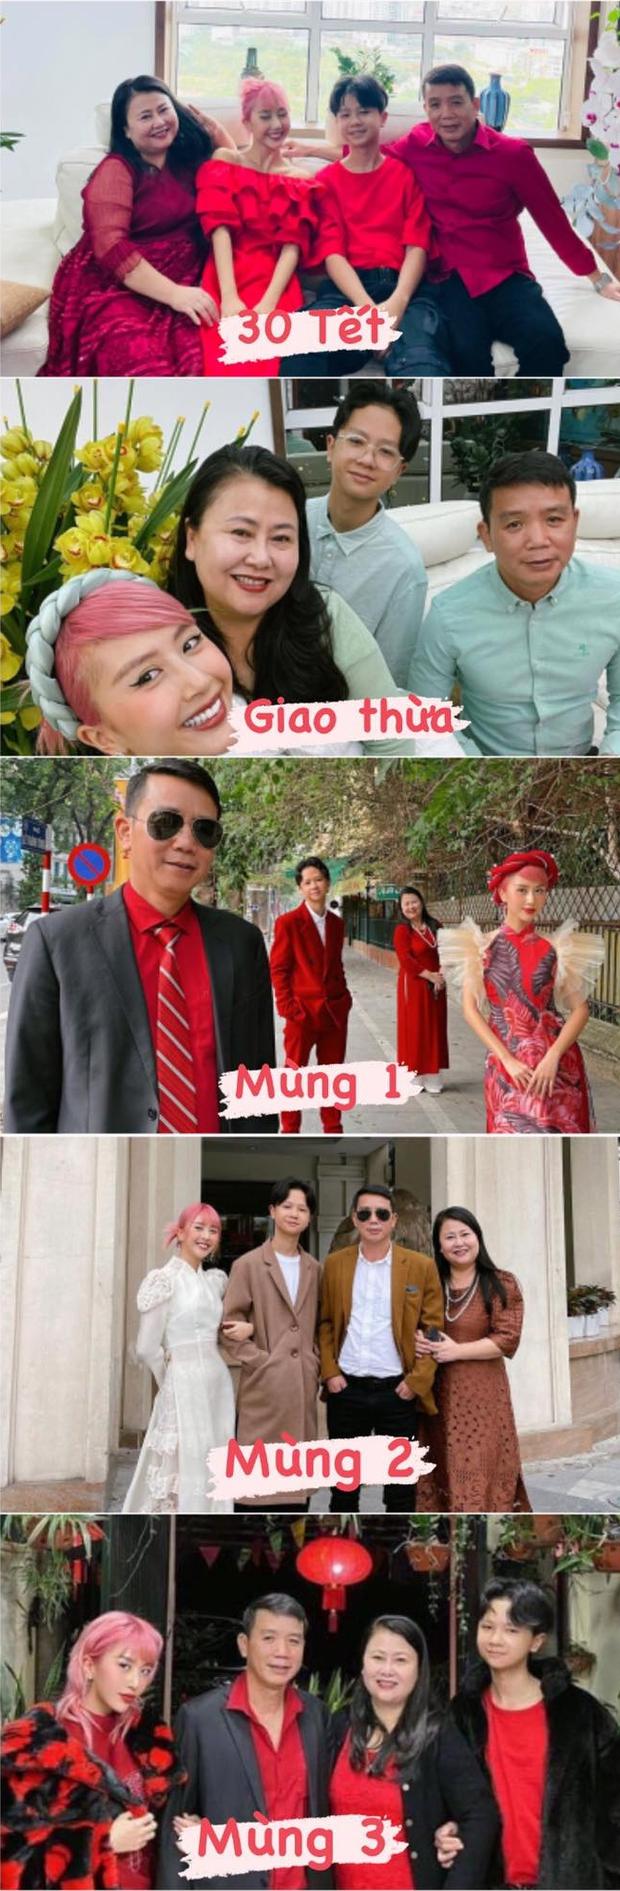 Chất nhất Tết này là nhà Quỳnh Anh Shyn, diện dresscode xuyên Tết như dự fashion week - Ảnh 1.